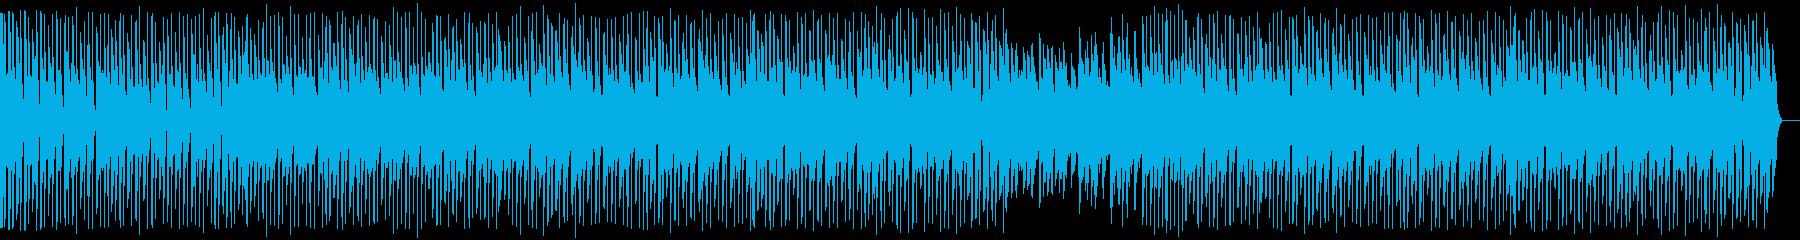 きらびやかなファンクディスコ_612_6の再生済みの波形